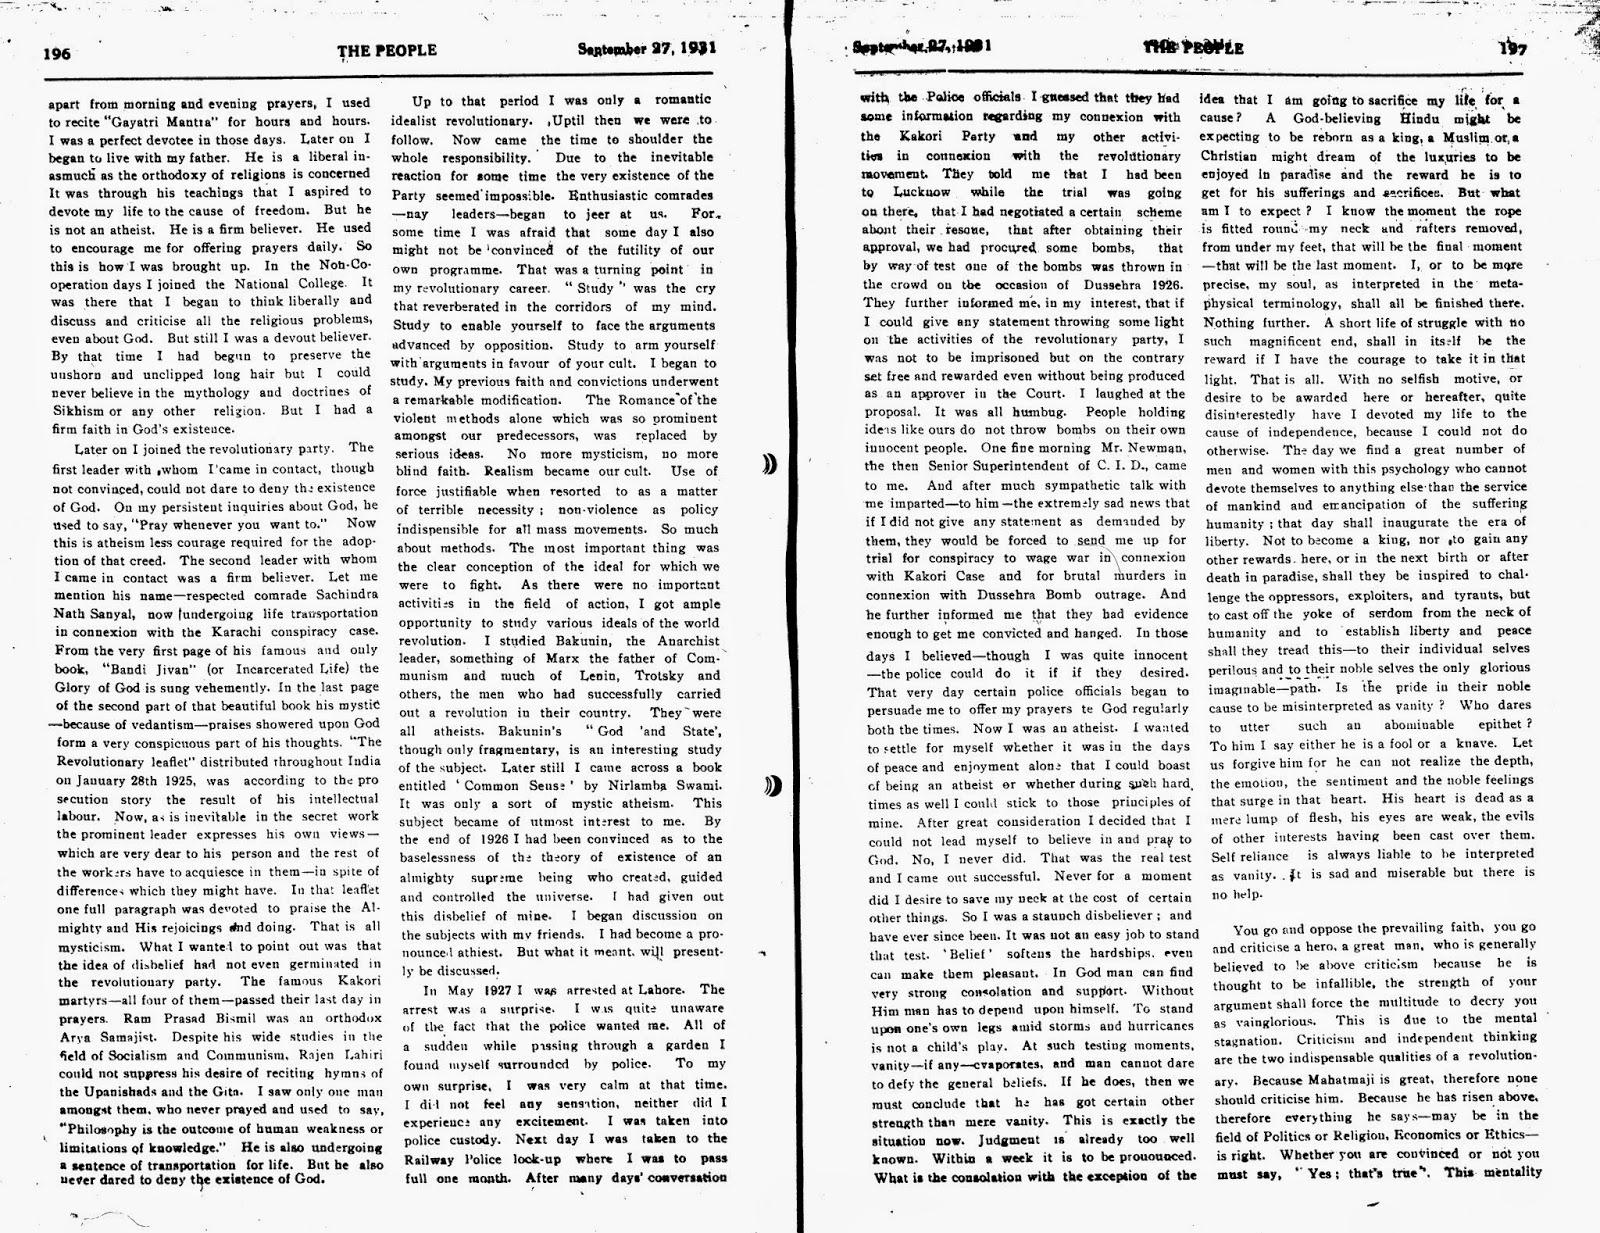 007 Essay Example On Bhagat Singh In Marathi Why2bi2bam2ban2batheist2b2 Unique Short 100 Words Full